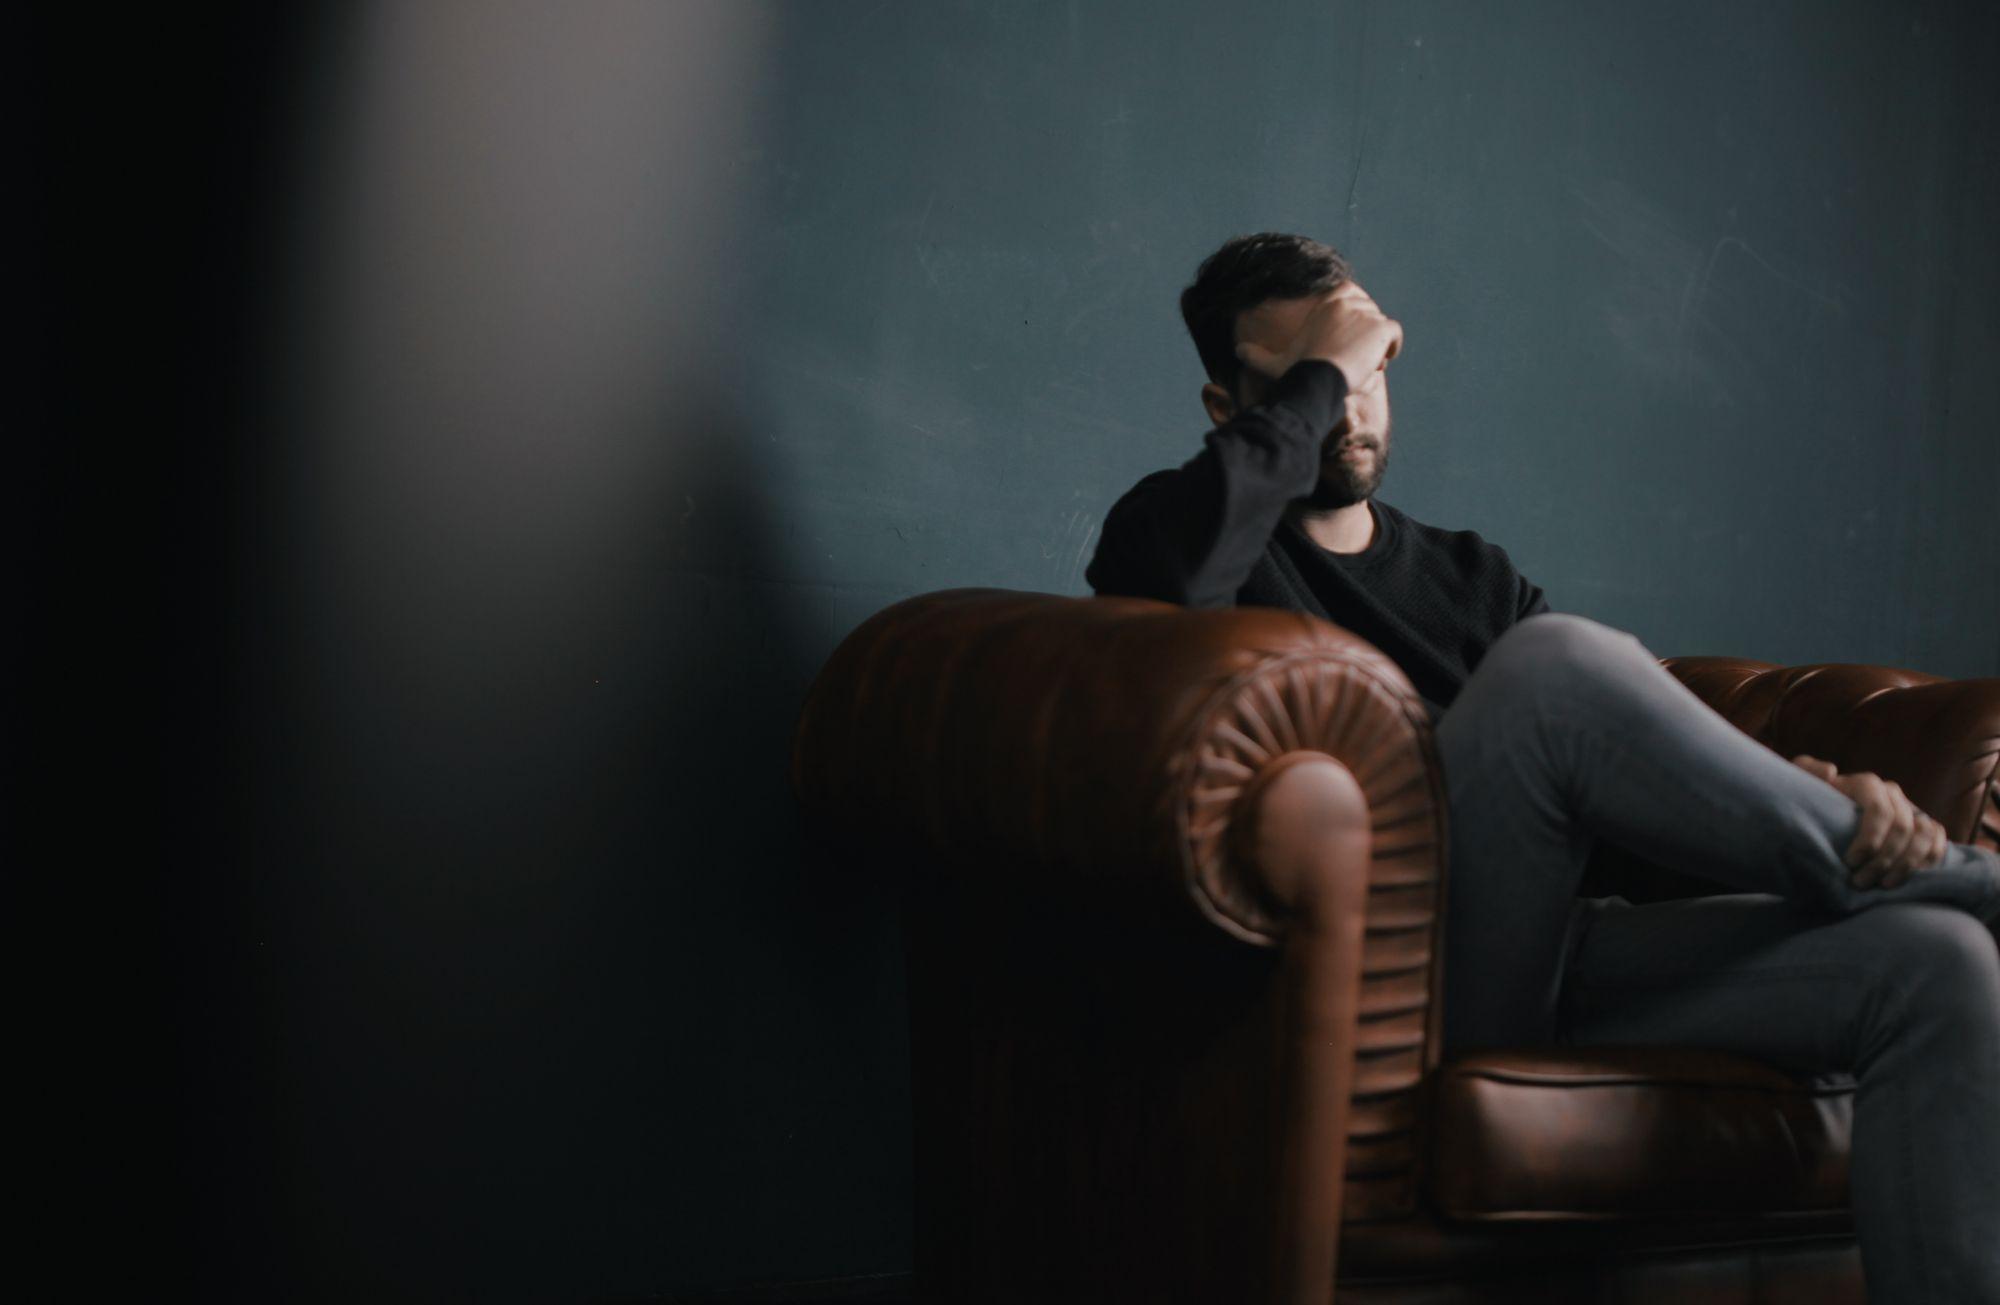 homme assis sur un fauteuil en cuir marron qui se tient la tête